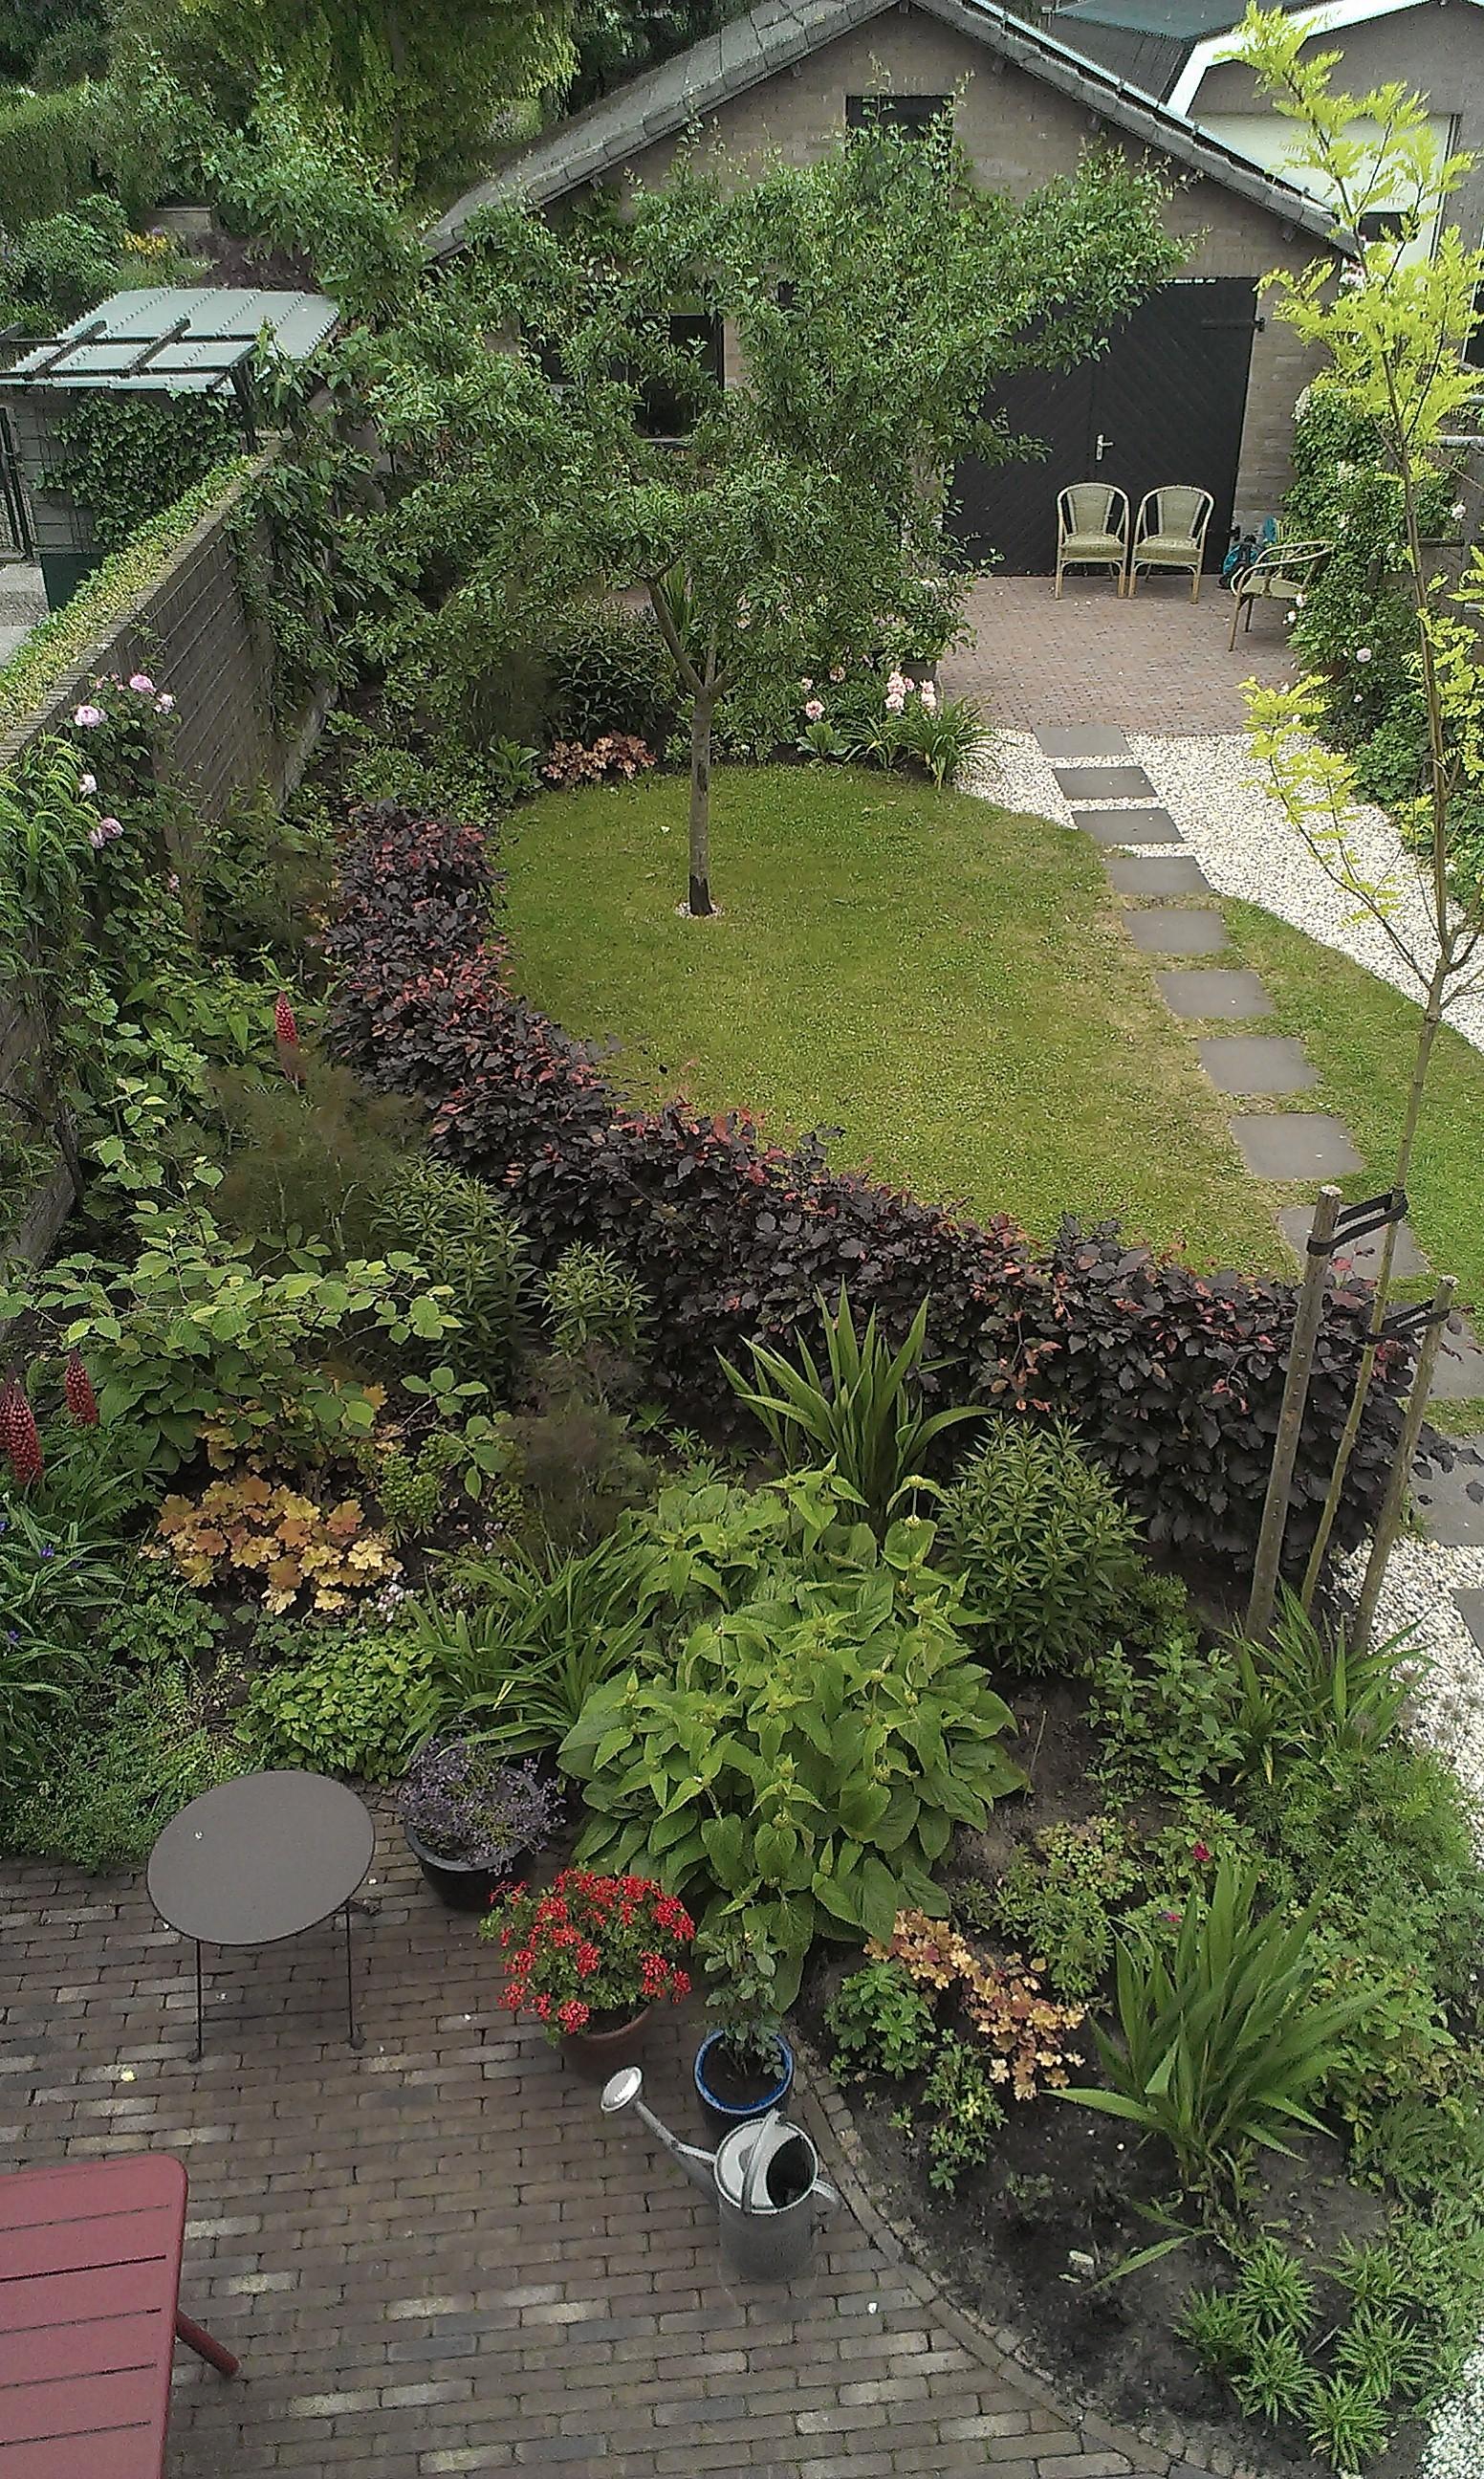 Van ontwerp naar tuin bloemen in de tuin - Separateur van stuk ontwerp ...